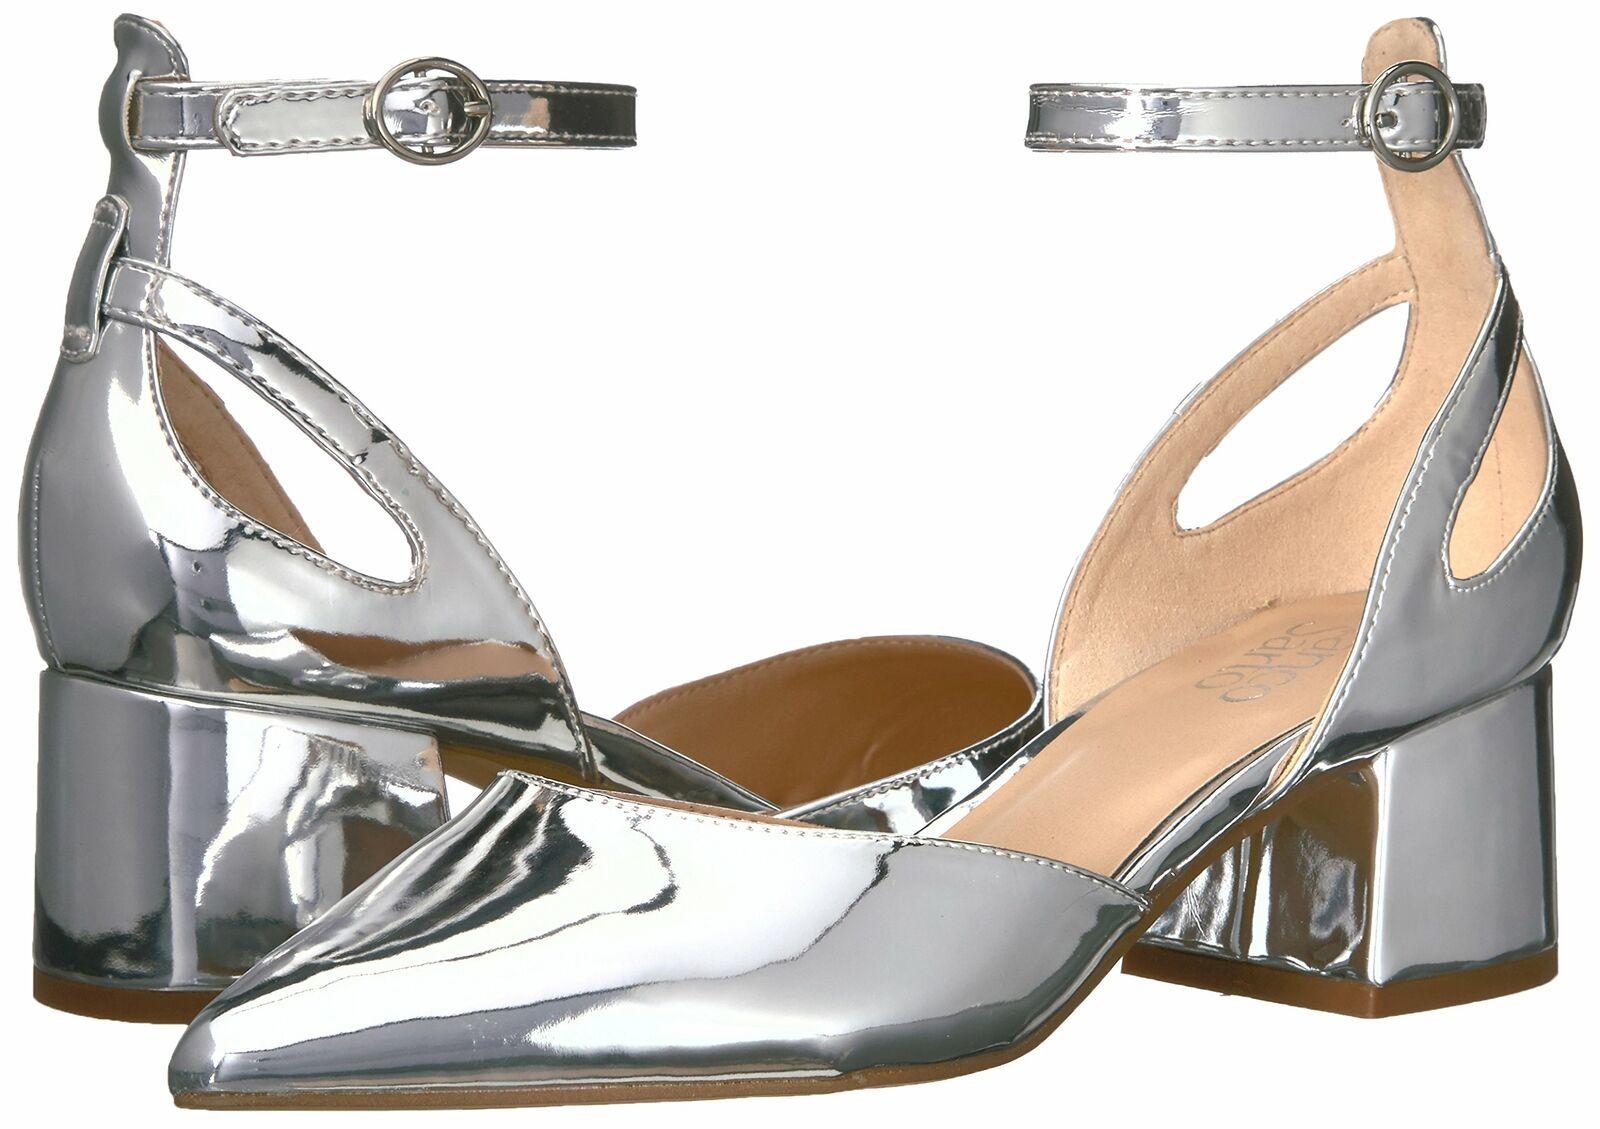 Franco Sarto Women's Caleigh Pump 6.5 Silver image 7